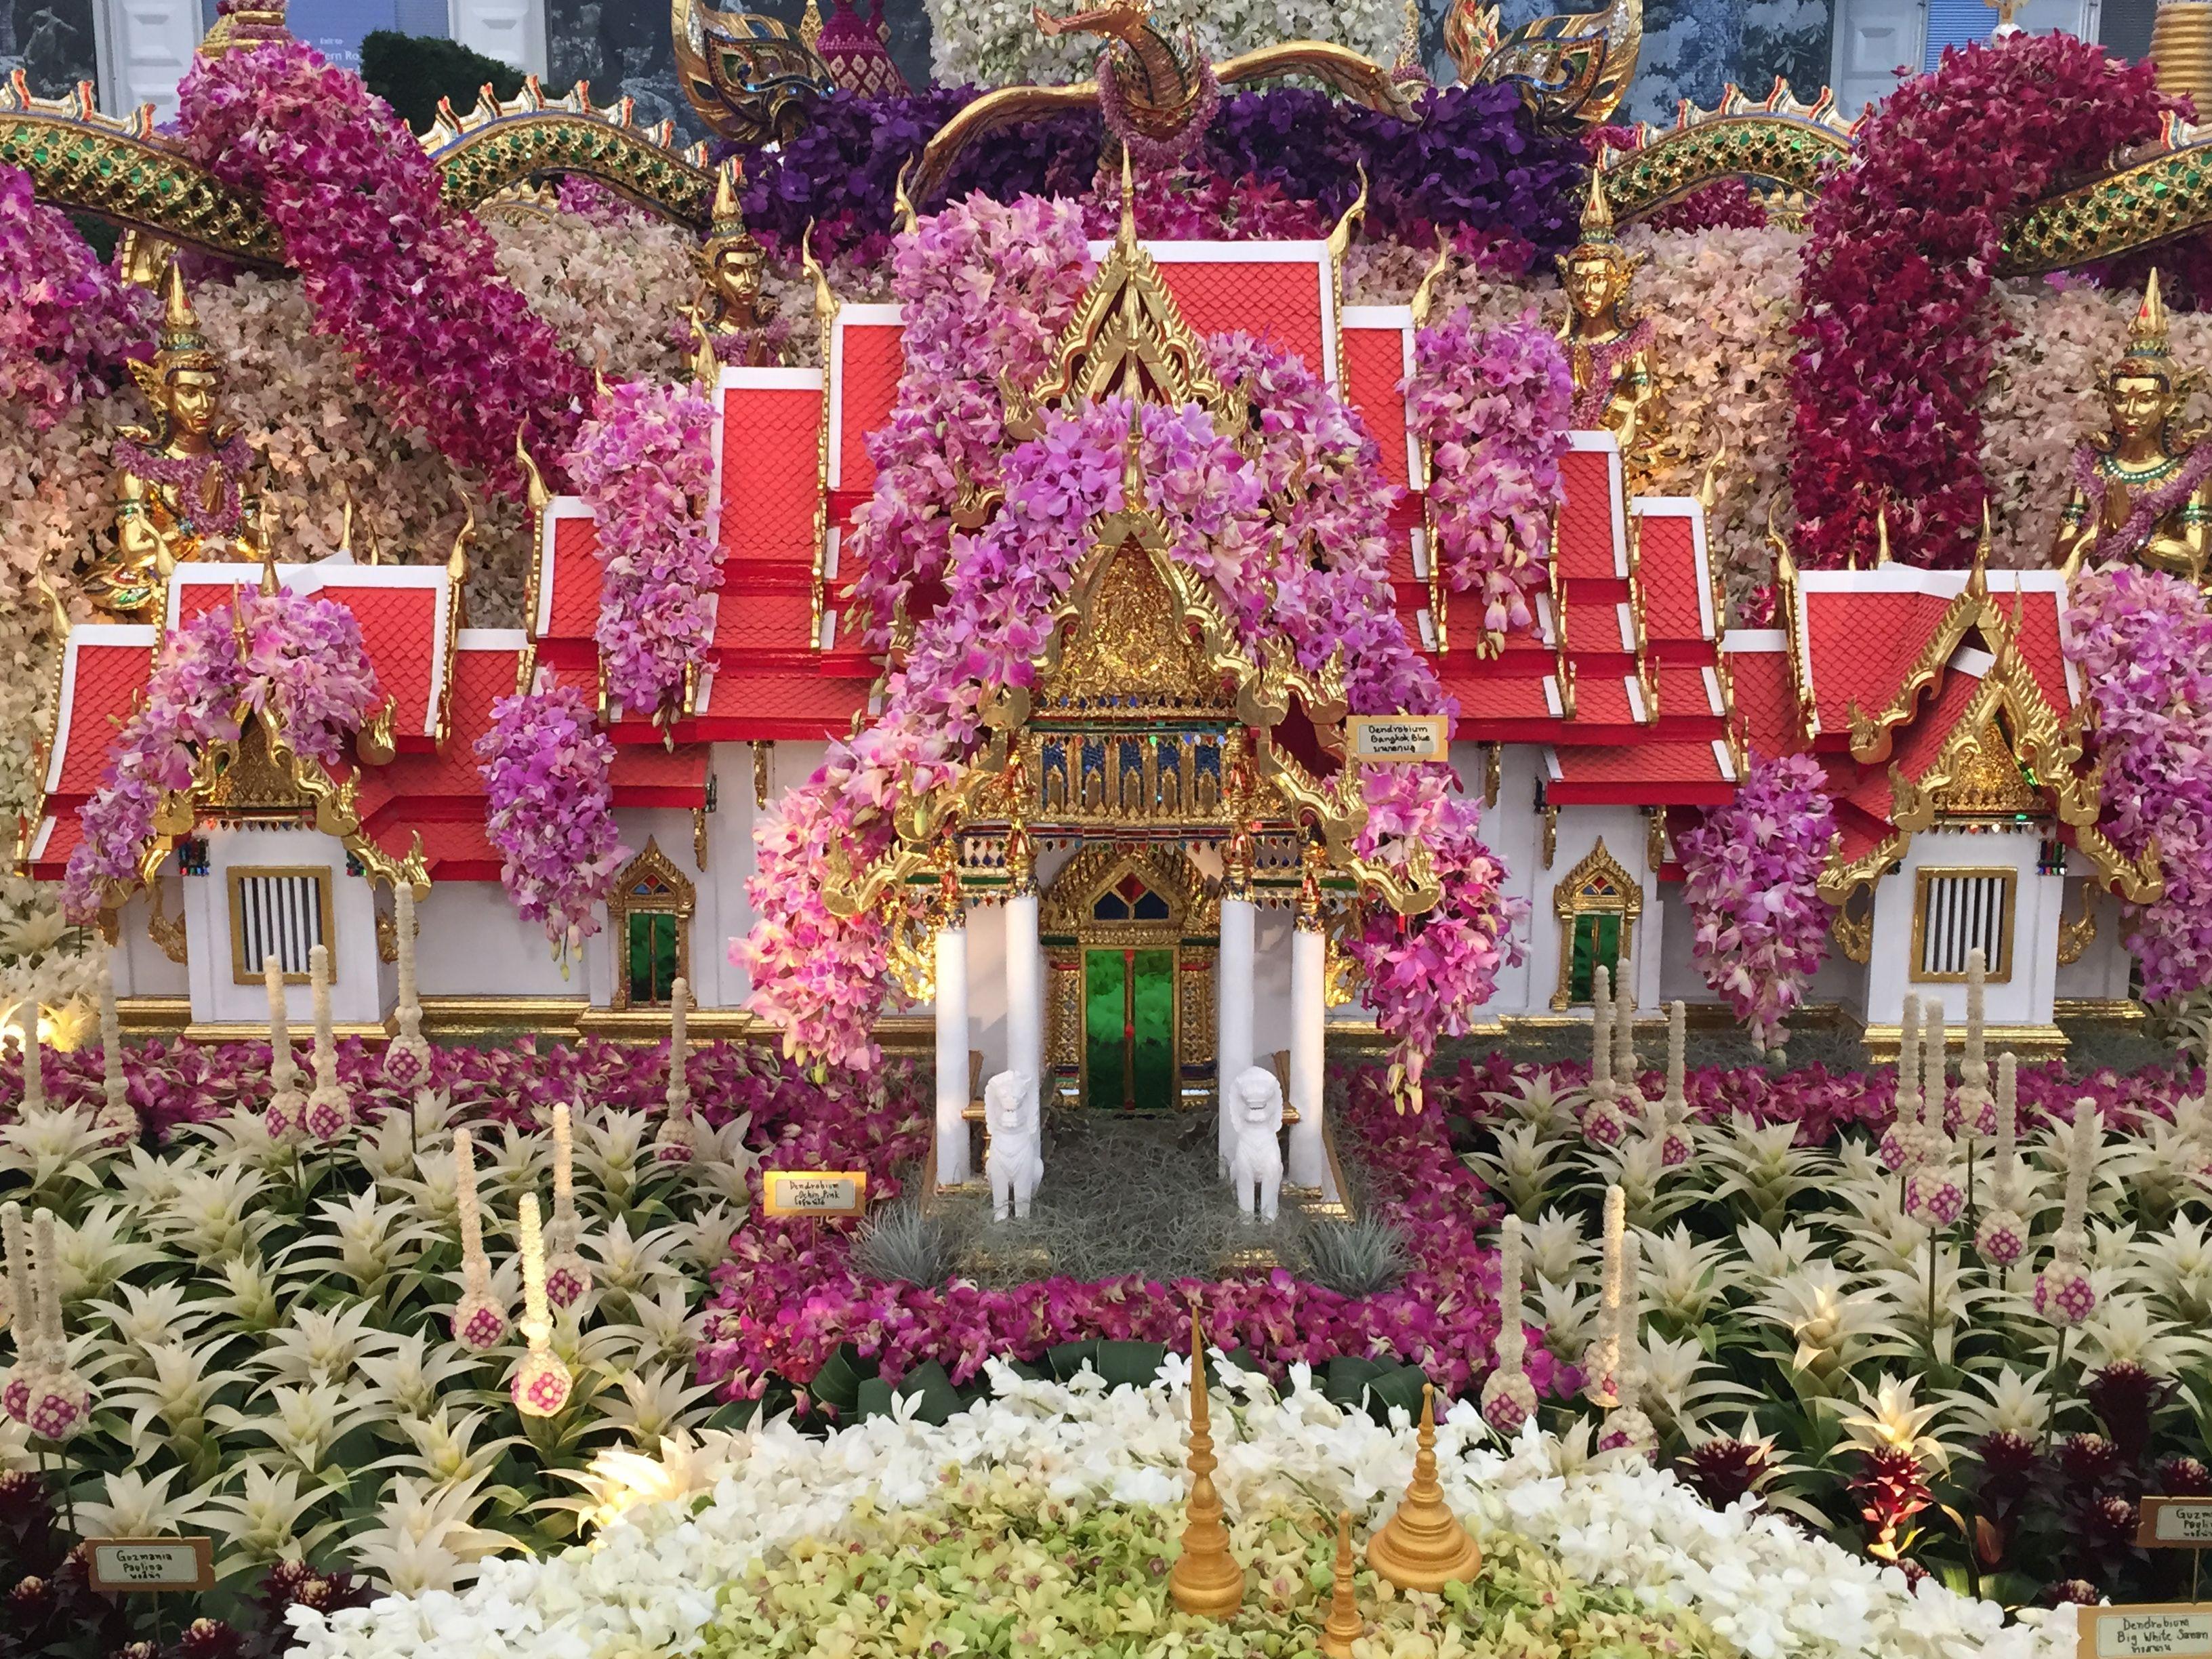 ปักพินโดย Lucy McCrudden ใน Chelsea Flower Show 2015